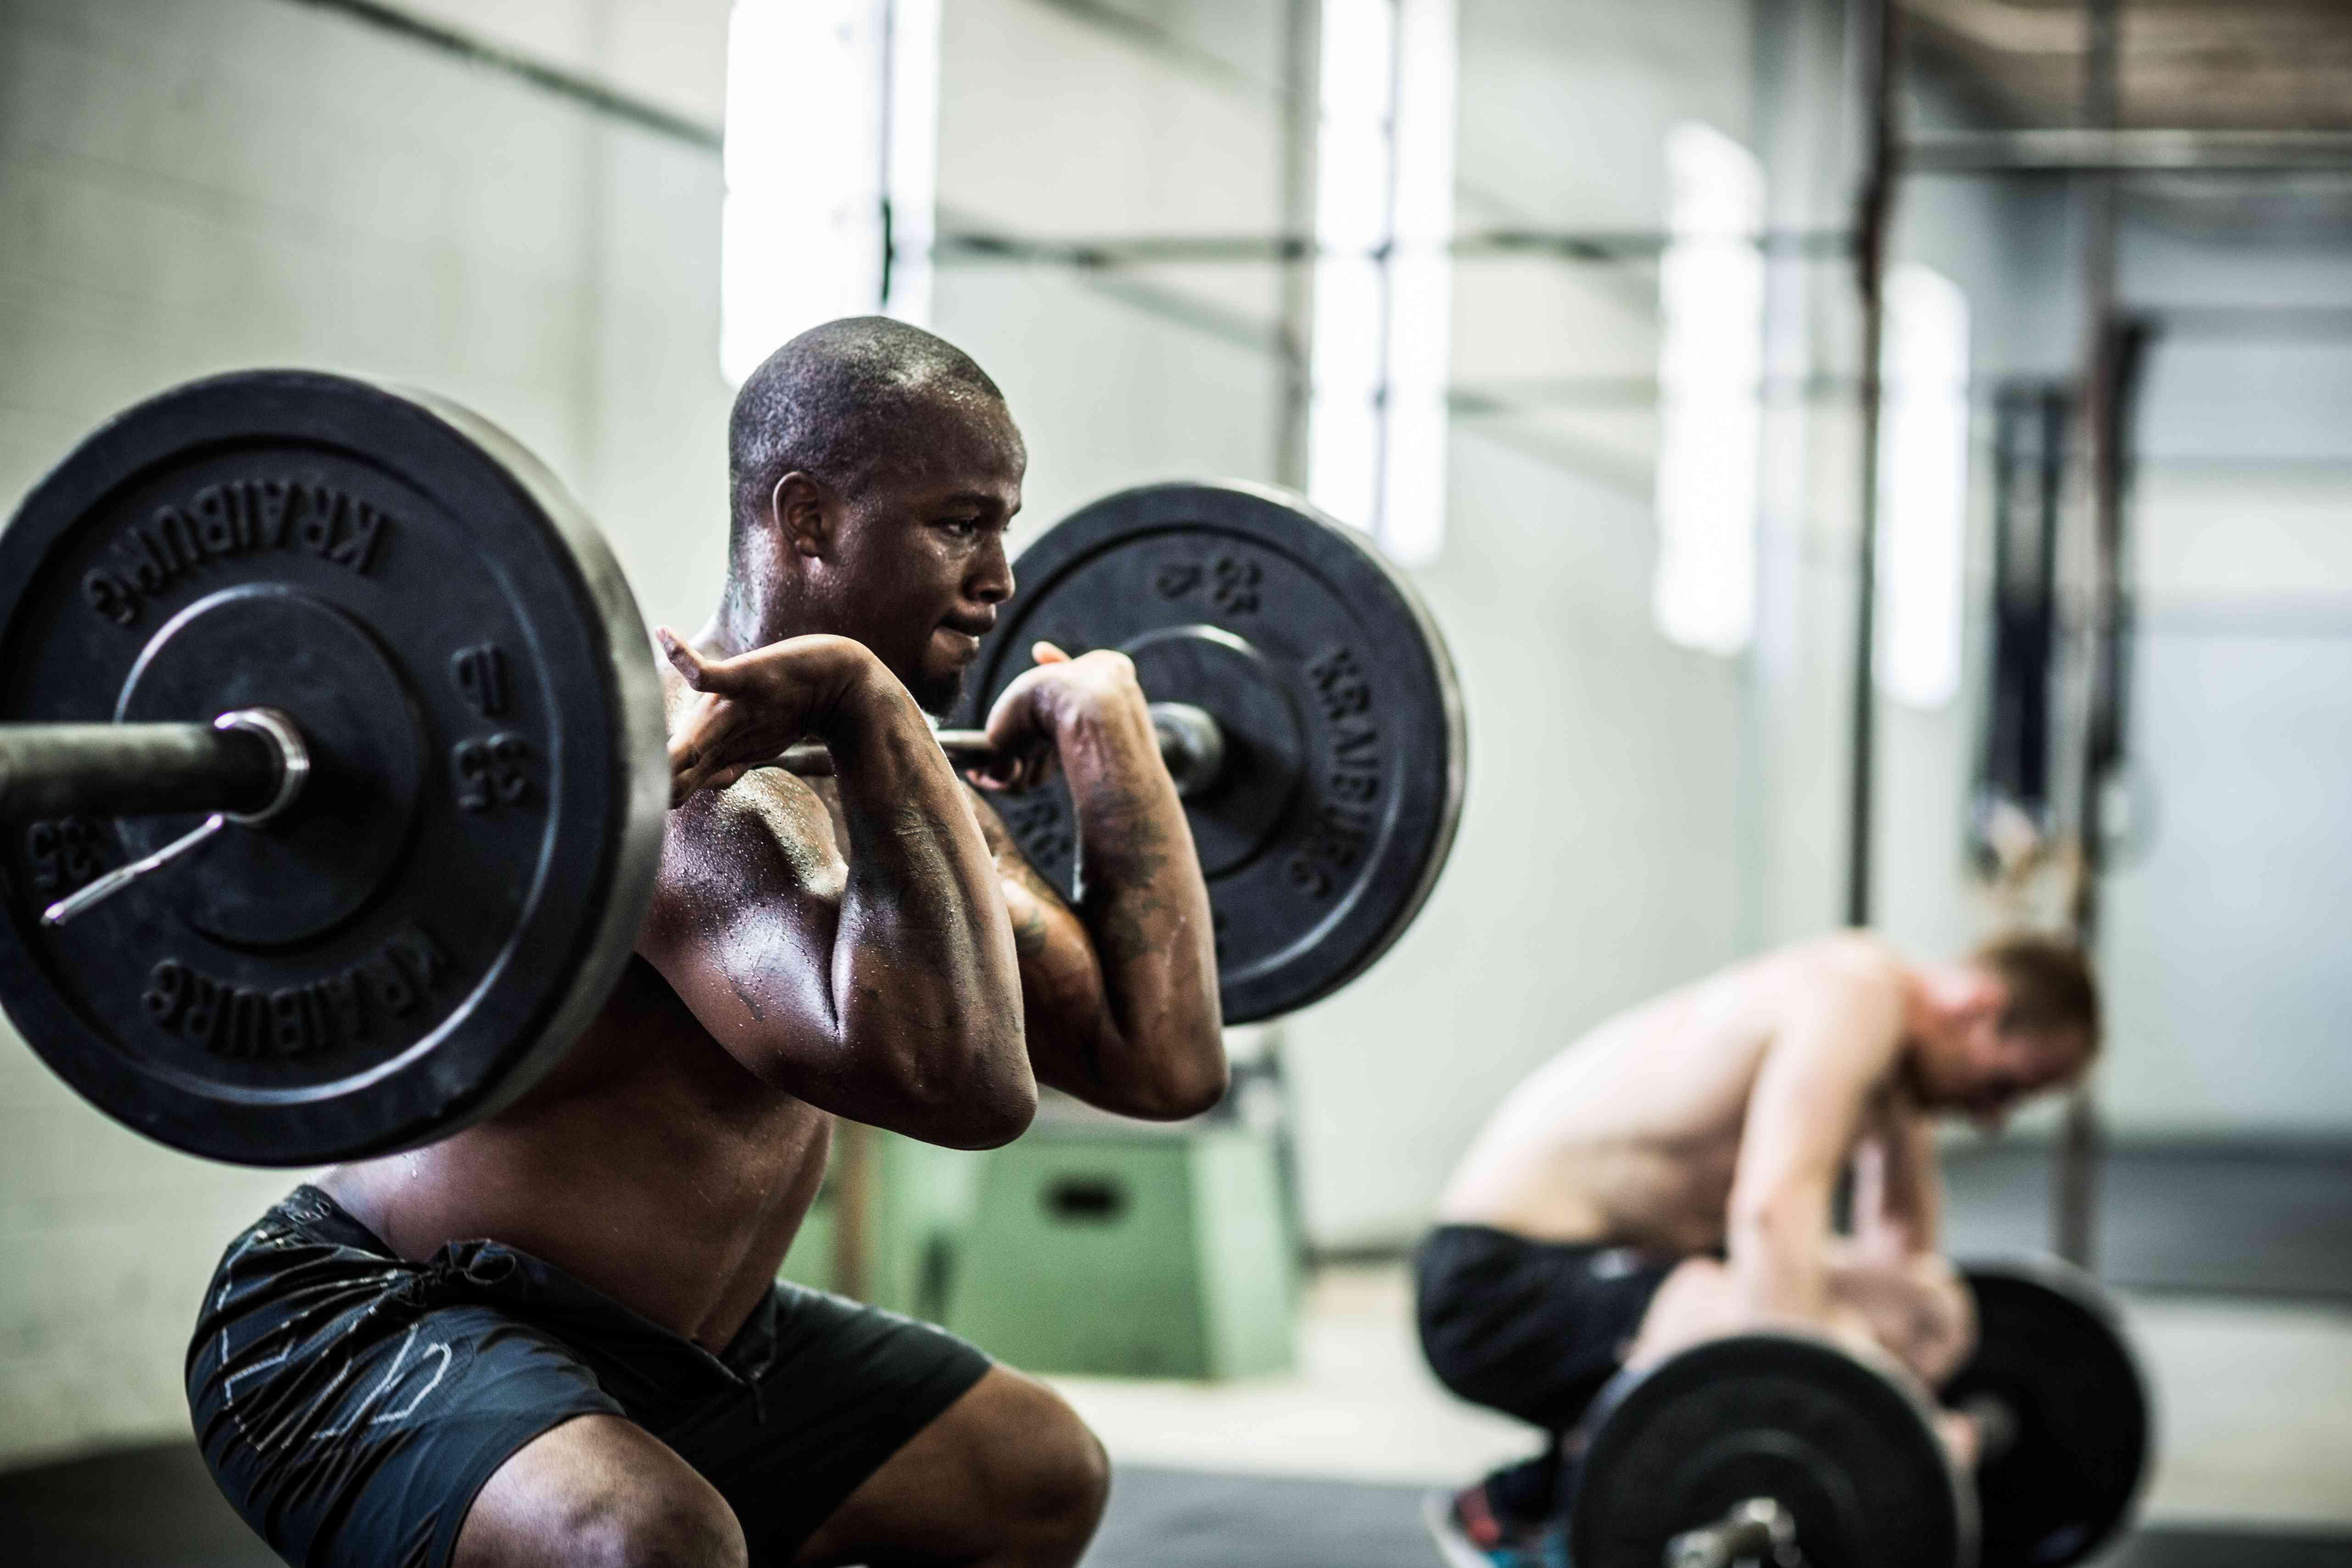 gym - Men doing front squats